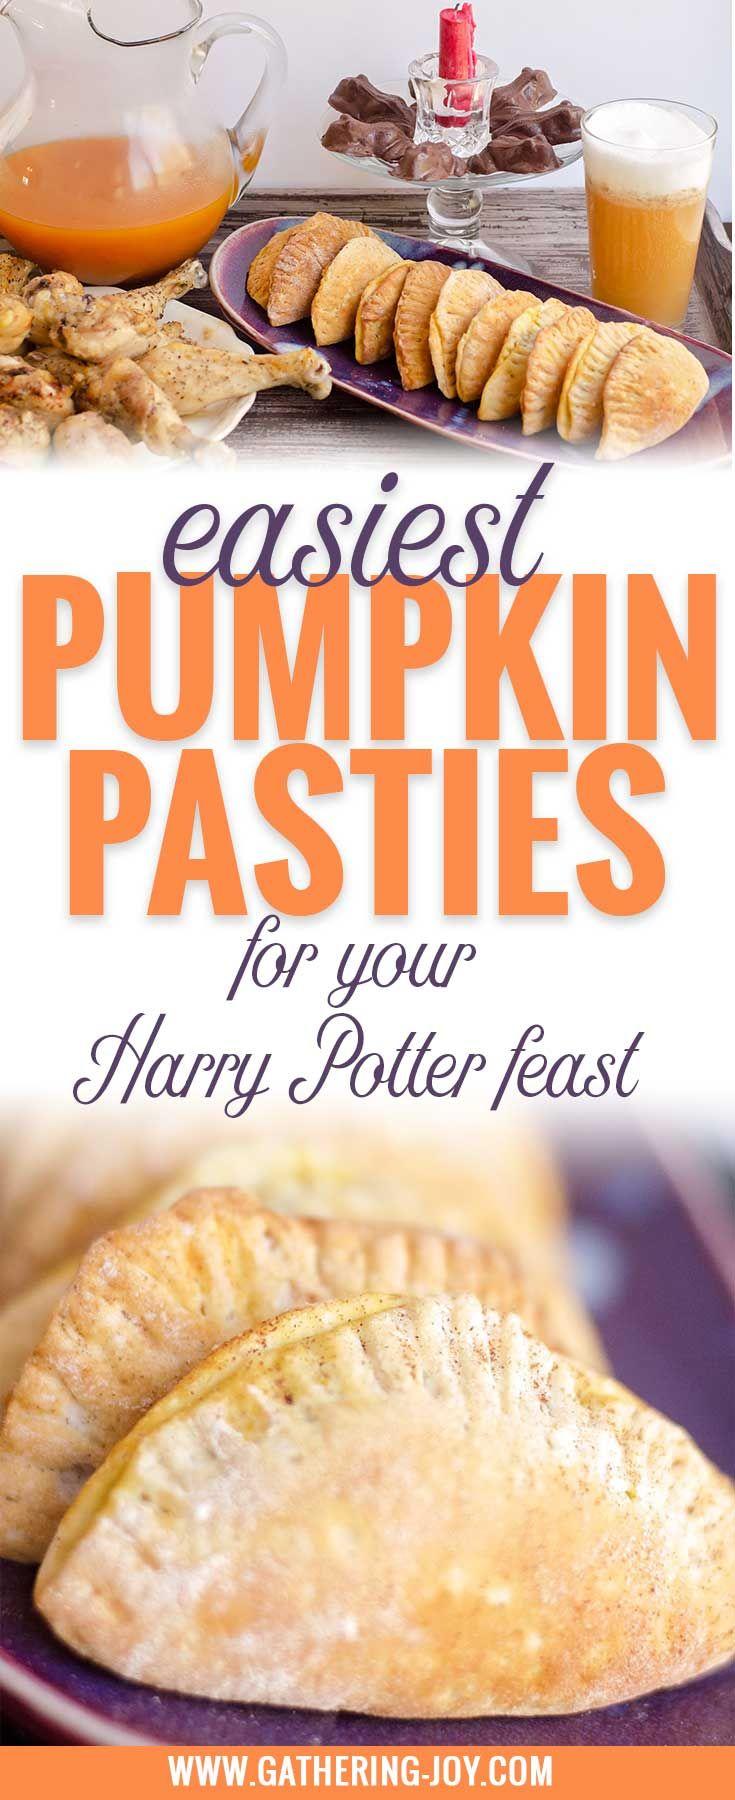 Easy Harry Potter Pumpkin Pasties Harry Potter Parties Food Harry Potter Desserts Harry Potter Pumpkin